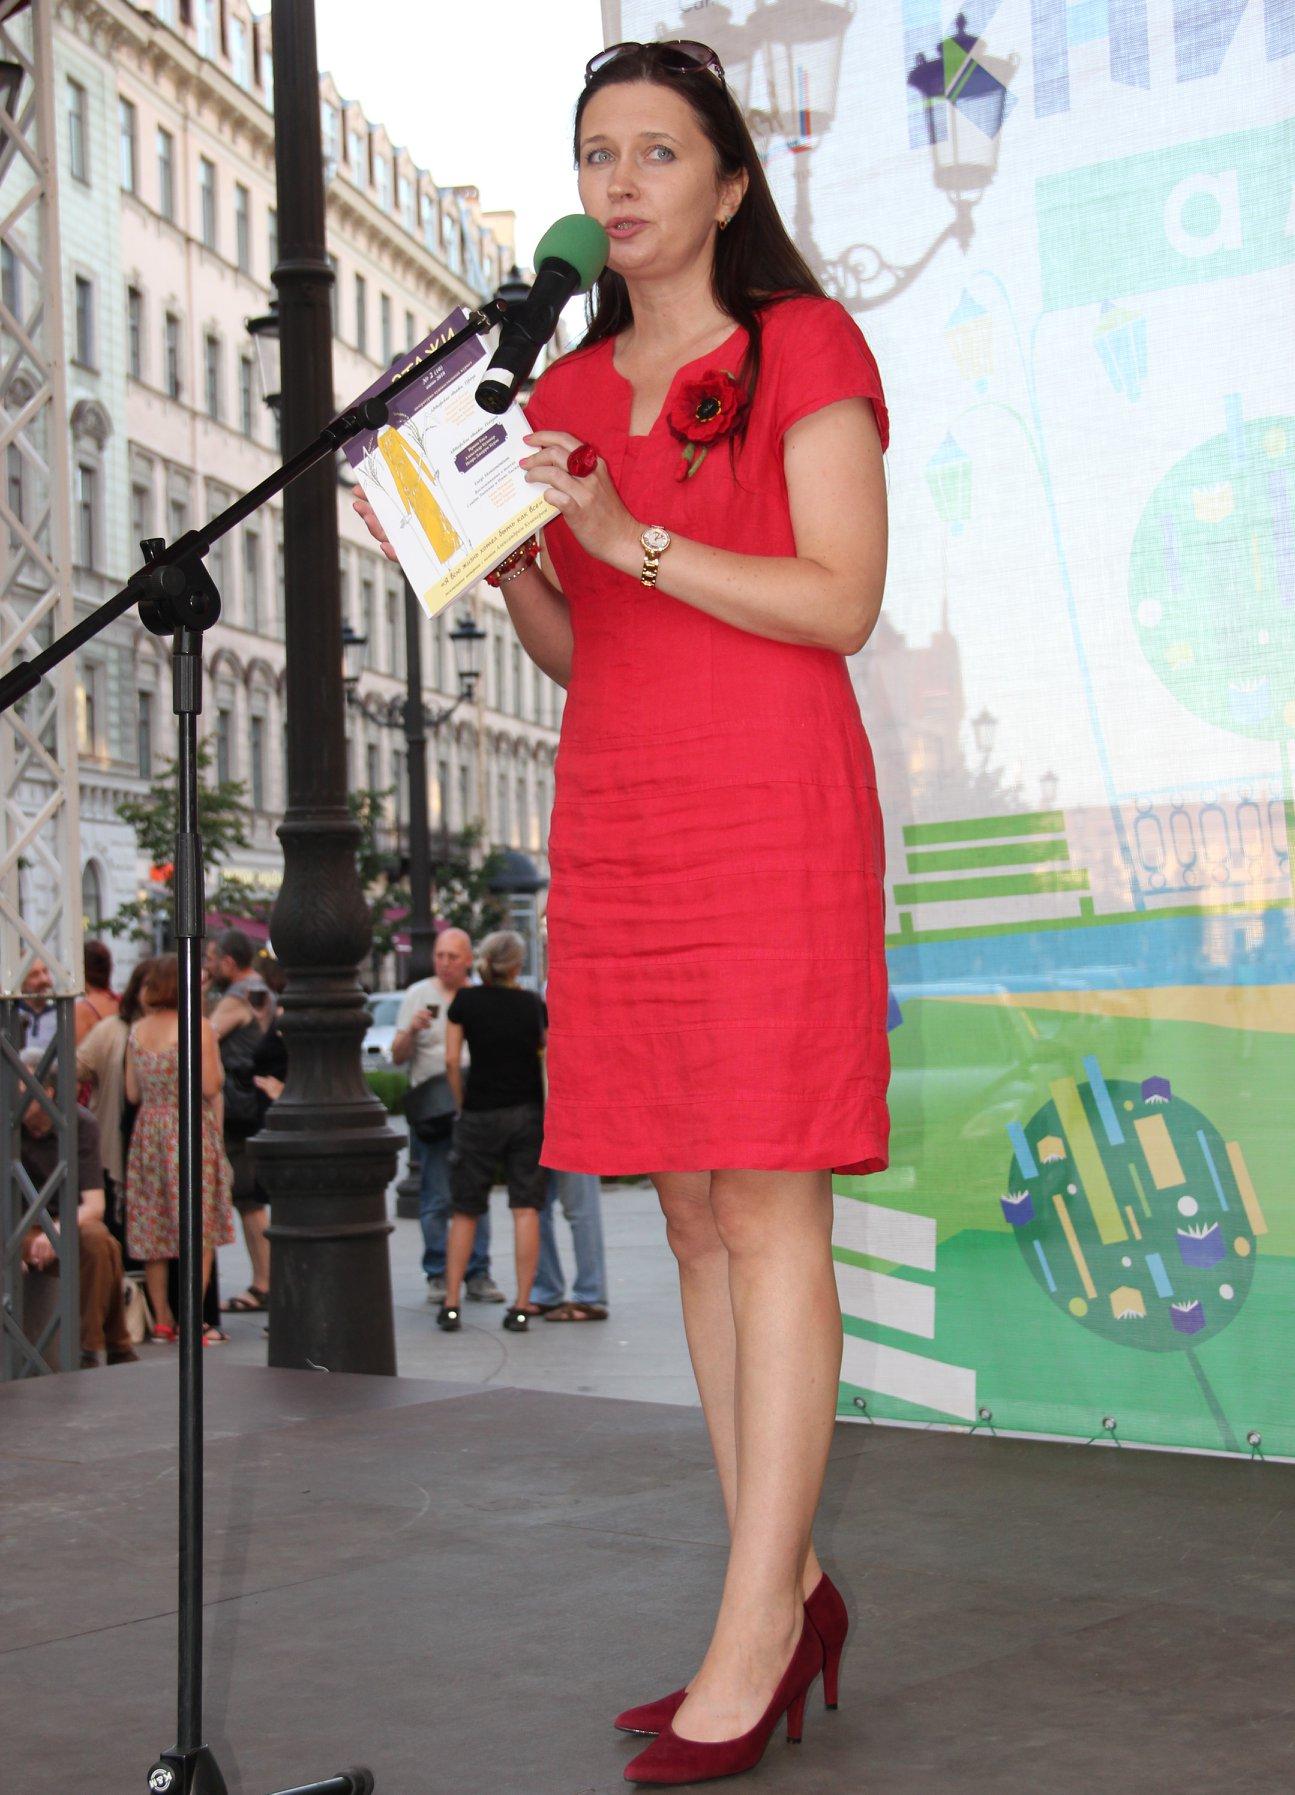 Презентация Этажей на фестивале Петербургские мосты, июль 2018: Ирина Терра